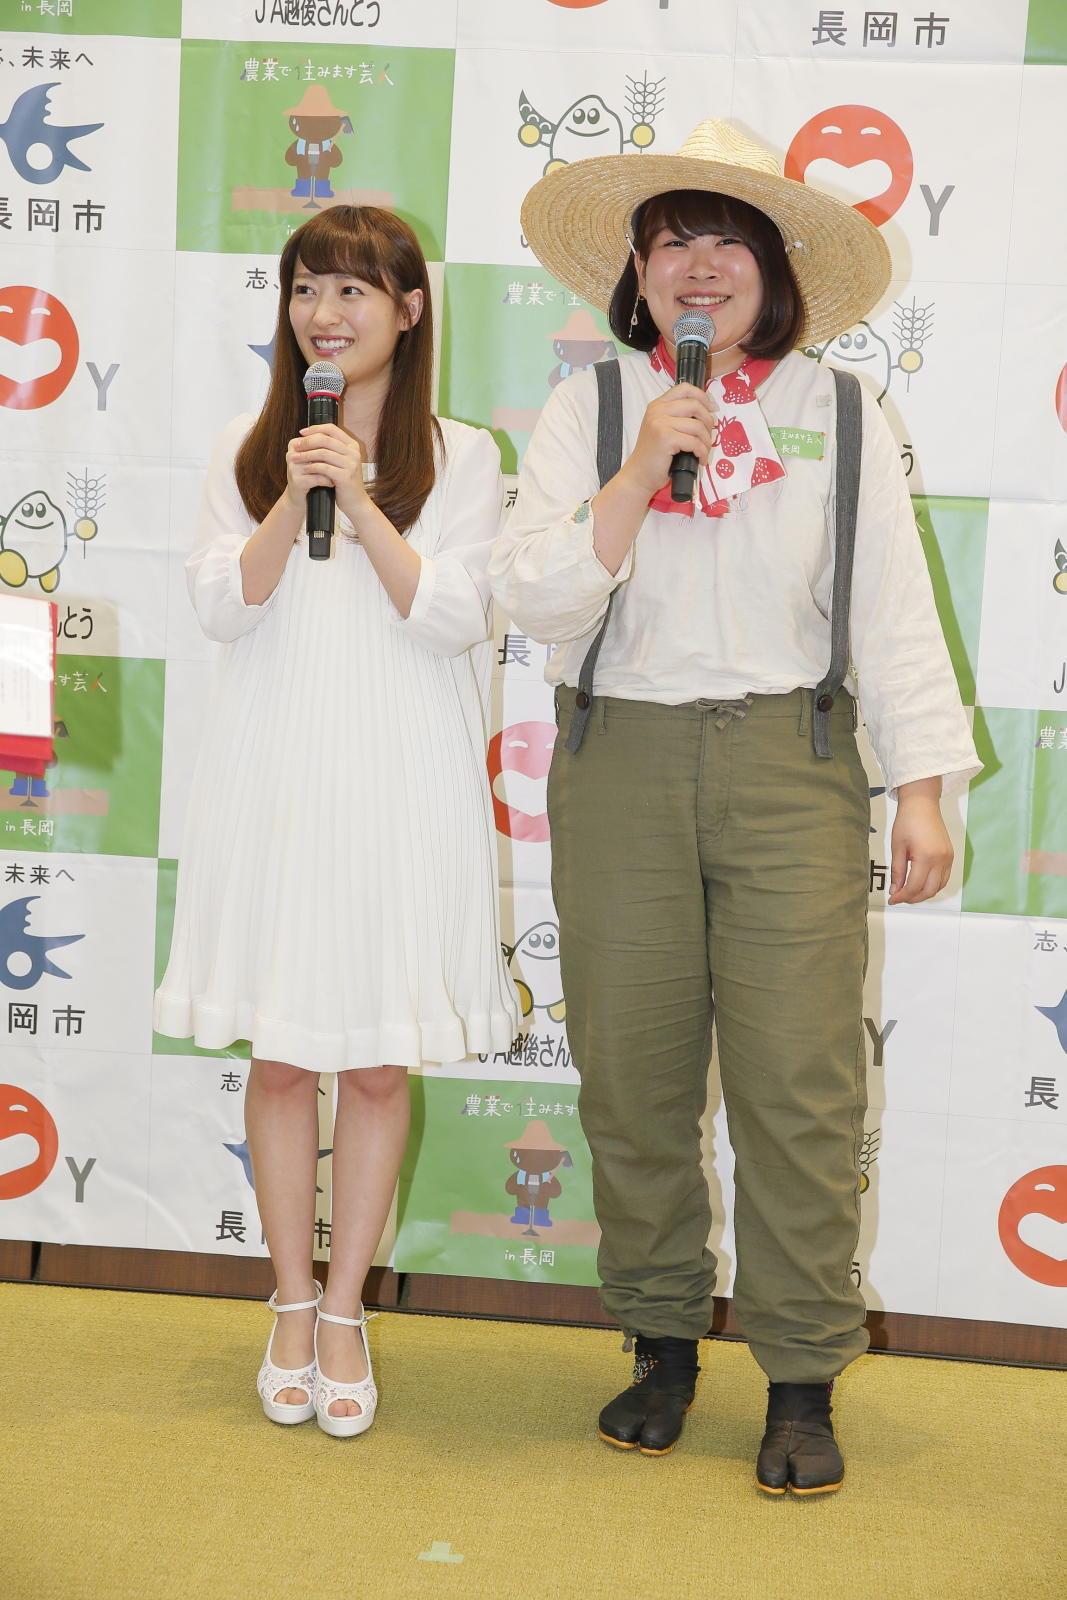 http://news.yoshimoto.co.jp/20160429190440-0b09a5d78061193d4aaf1e6a0513b1340a5068eb.jpg